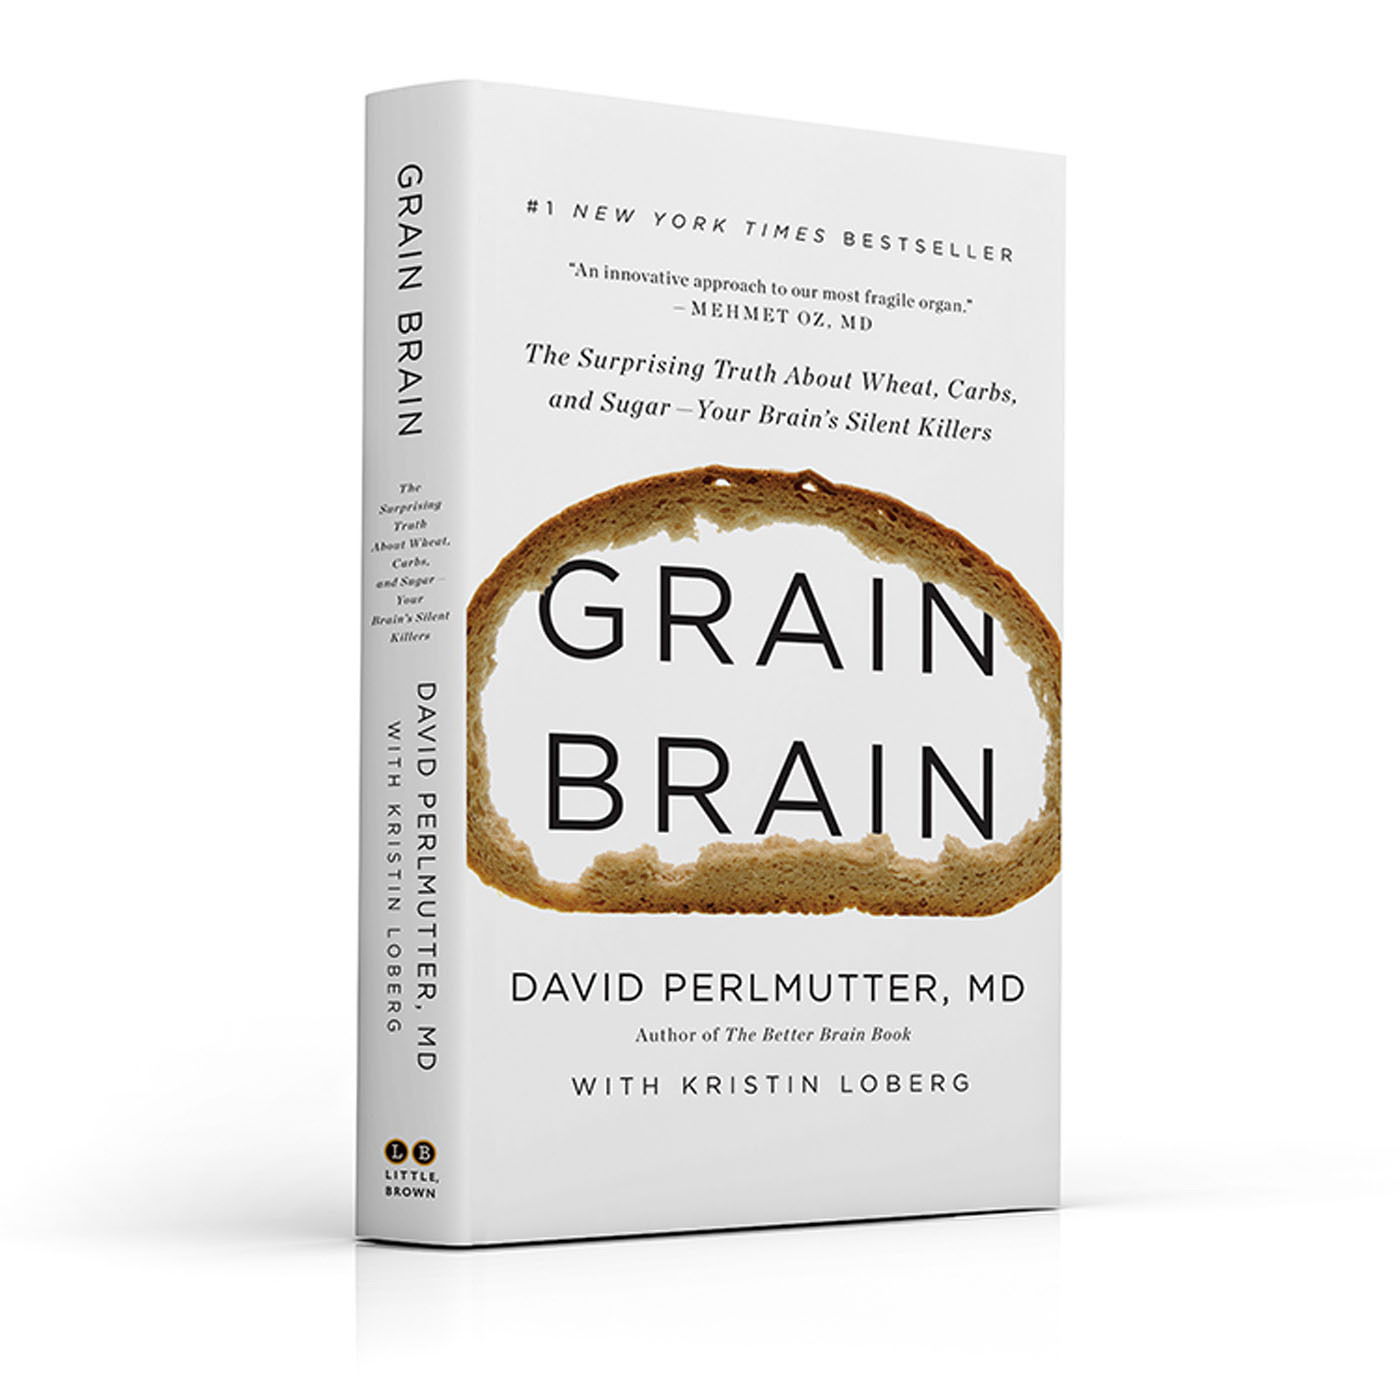 Dr. David Perlmutter's GRAIN BRAIN Hits #1 New York Times Bestseller